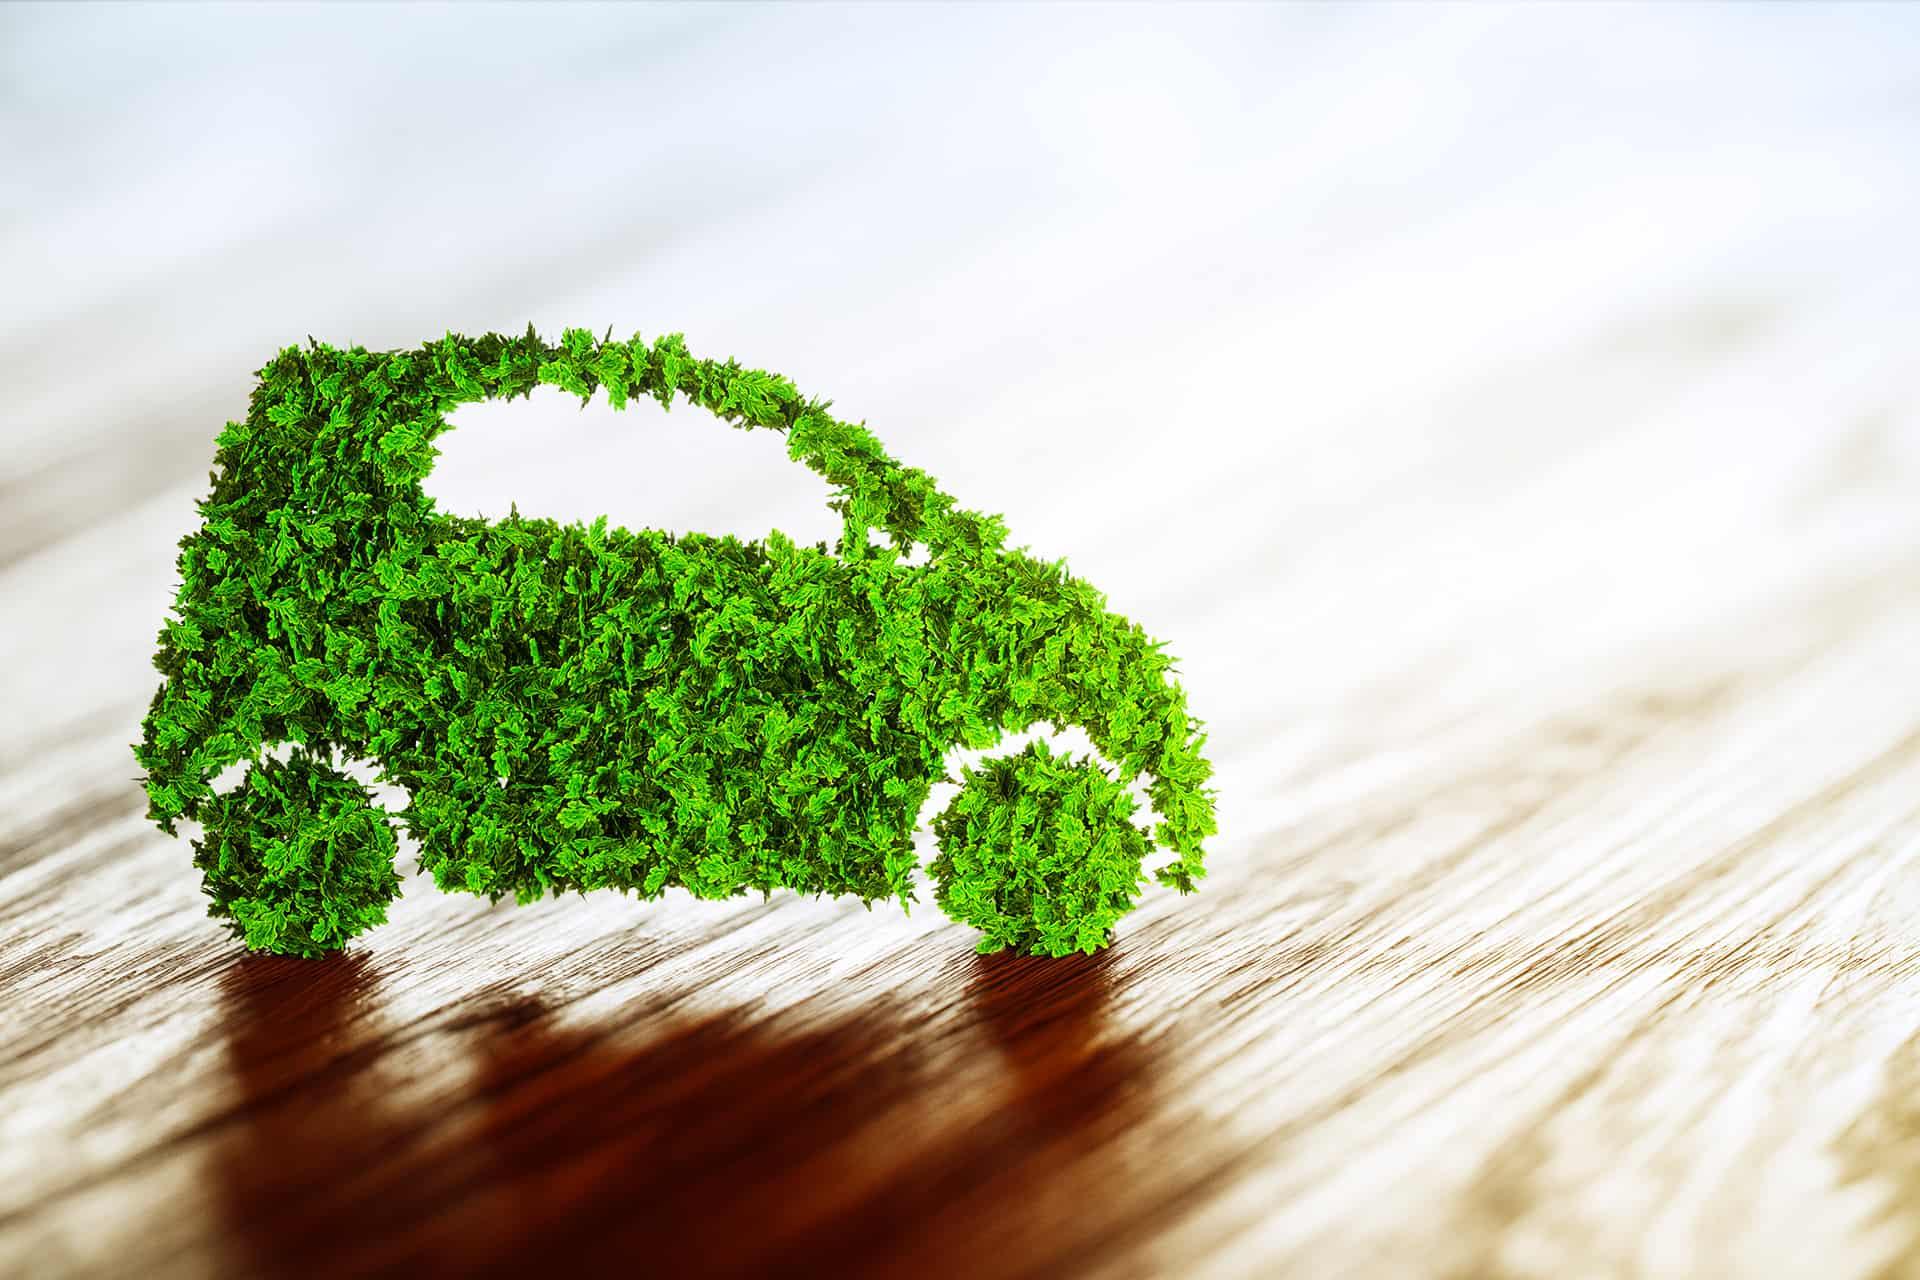 Grønt gress som er formet som en bil